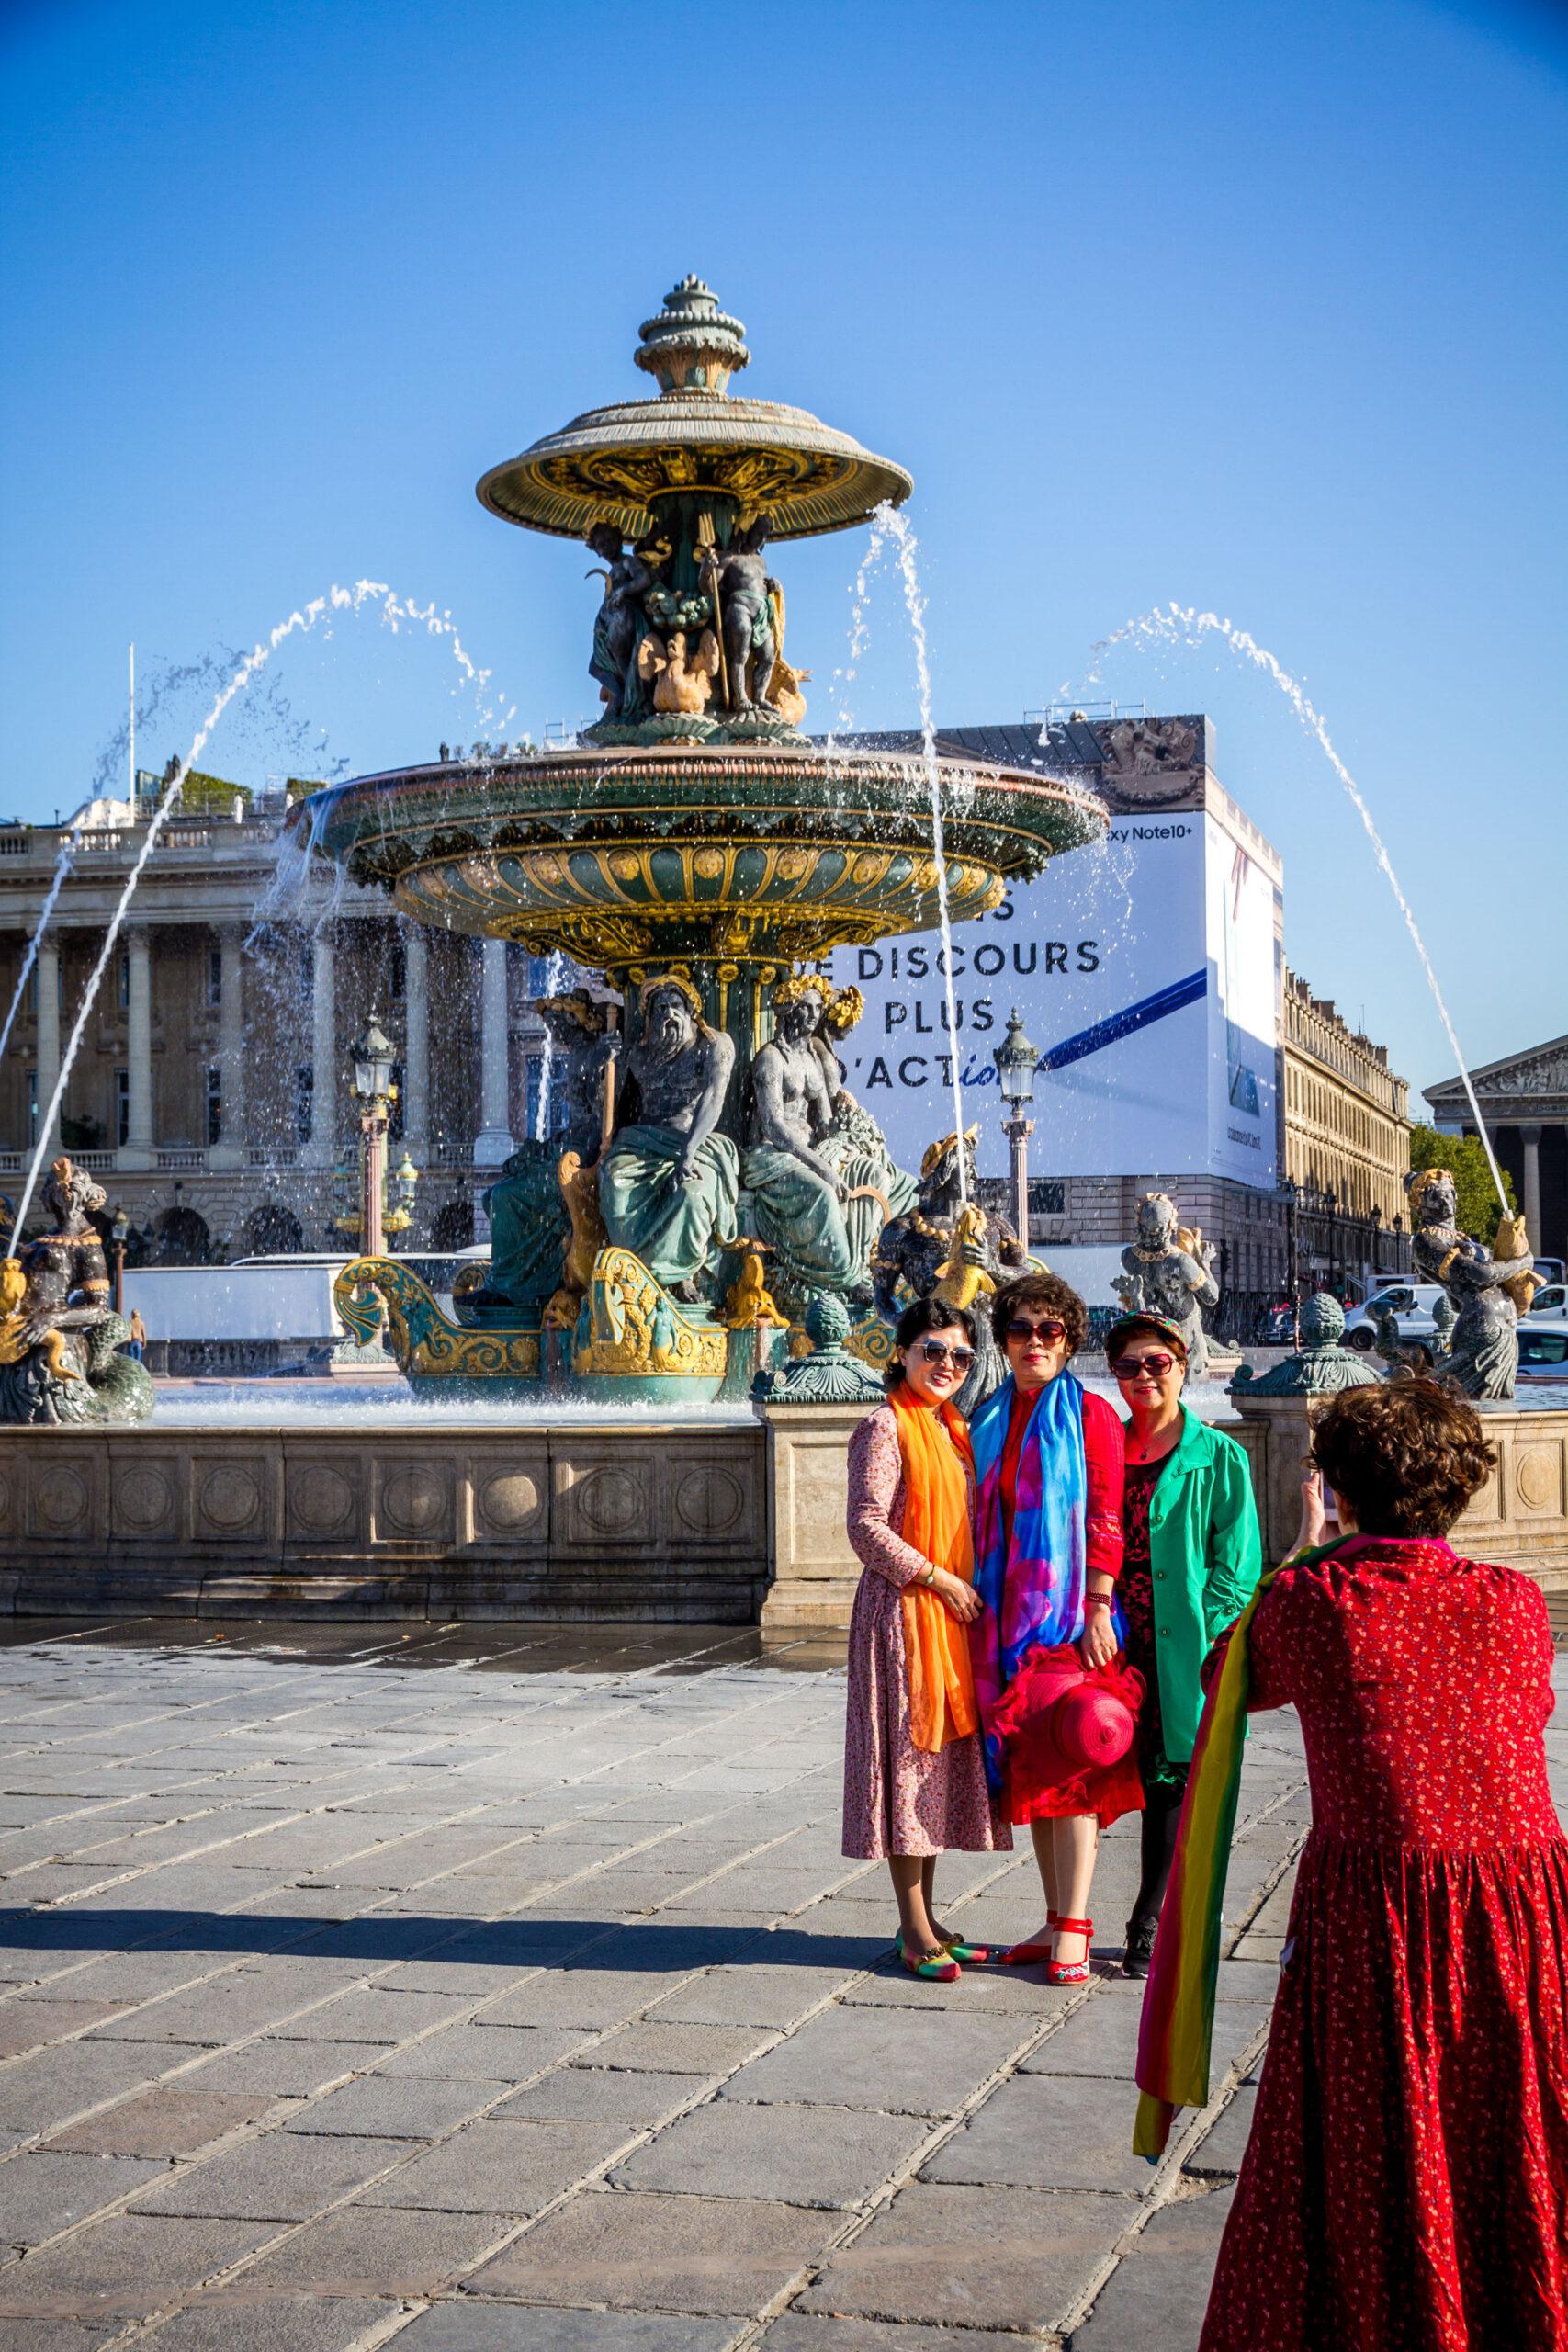 Concorde plassen Paris fontene statue